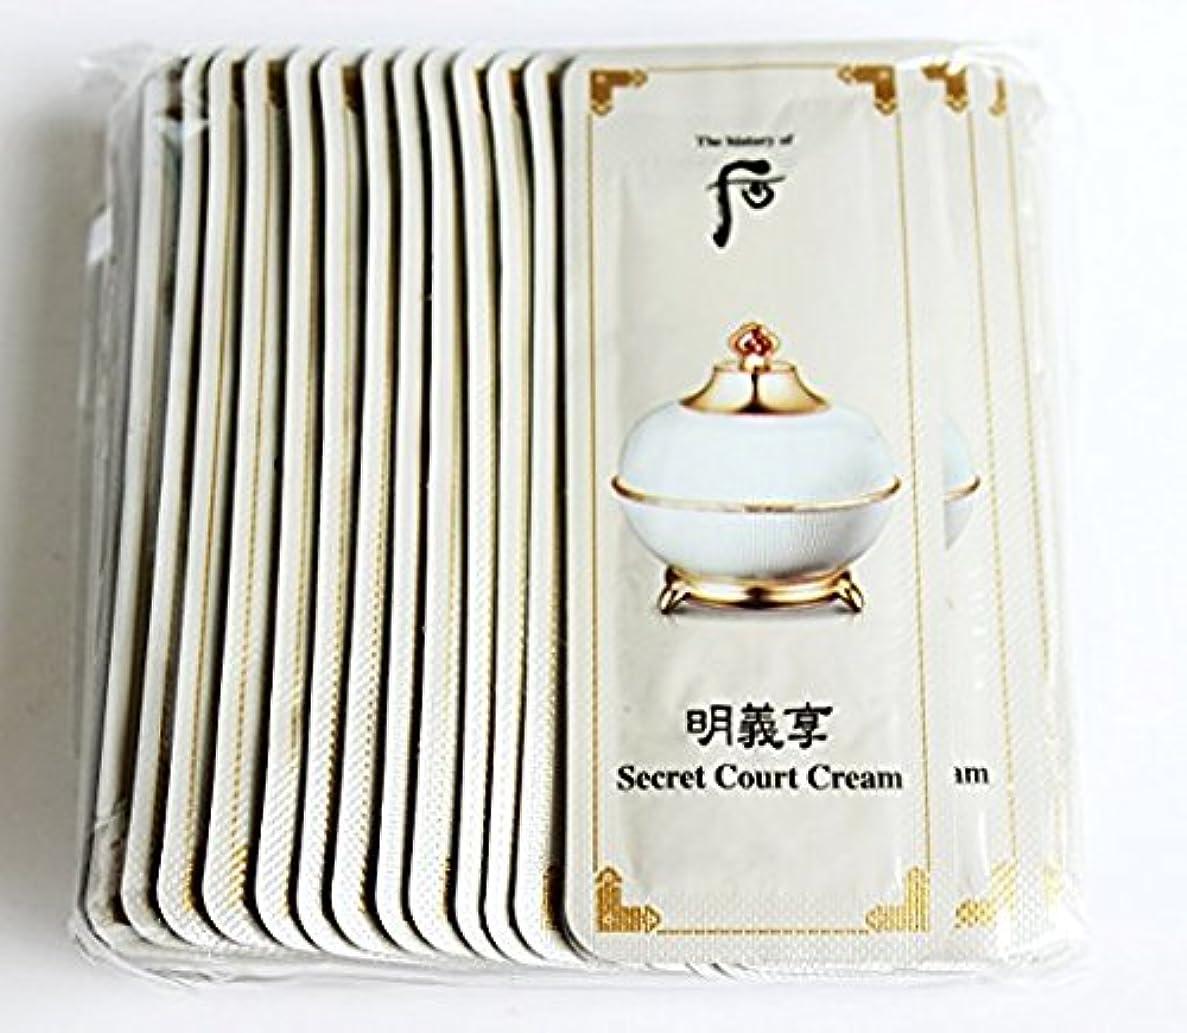 住所放出歩くThe History of Whoo Myeonguihyanng Secret Court Cream [Sample 1ml × 30ea]/ザ ヒストリー オブ フー(后) 明義享 シークレット コート クリーム...